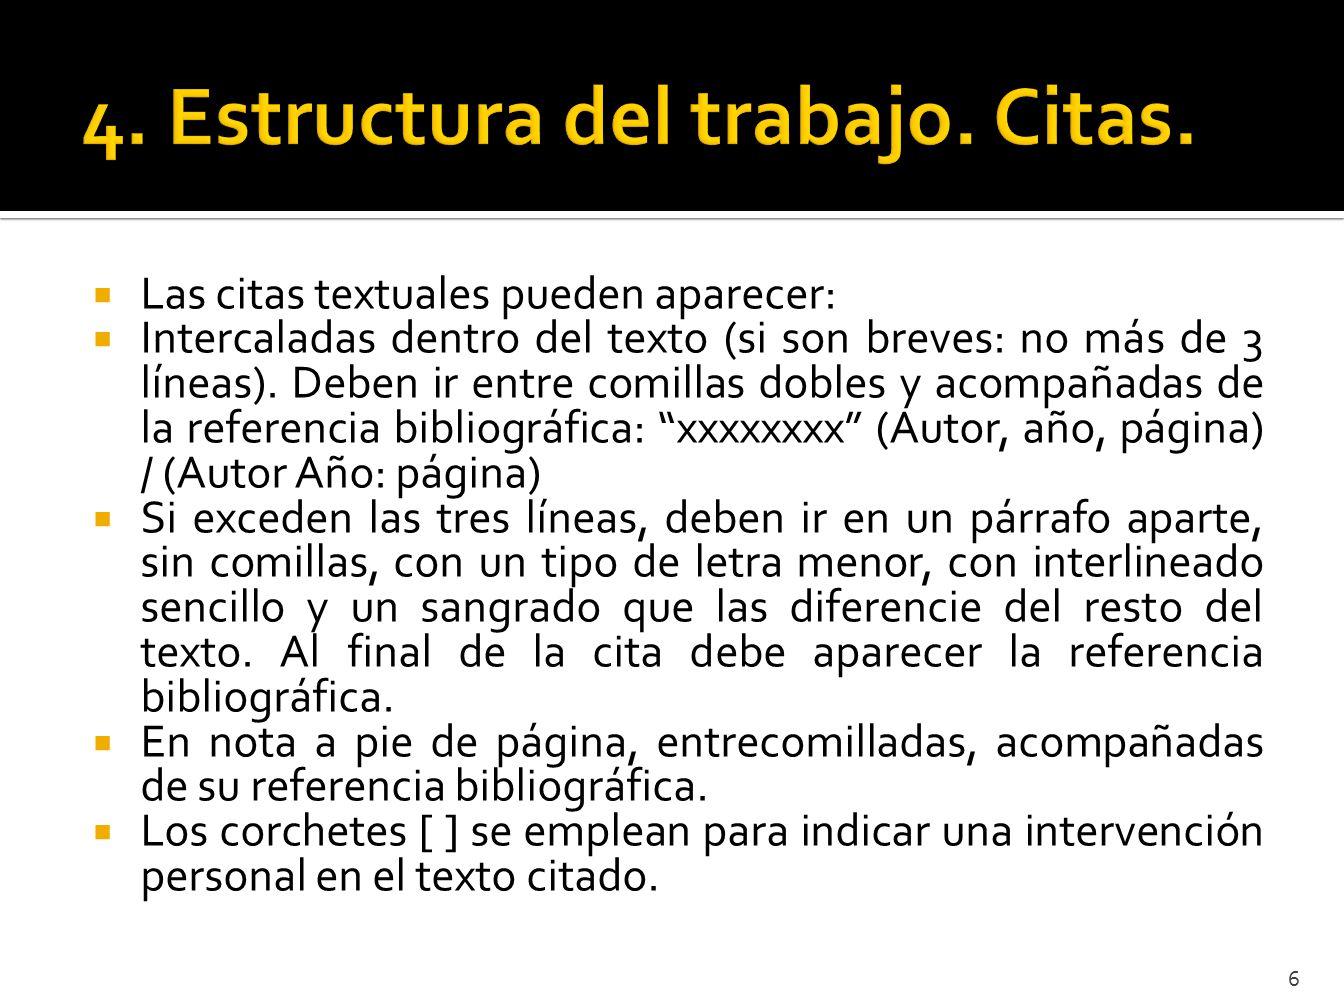 4. Estructura del trabajo. Citas.